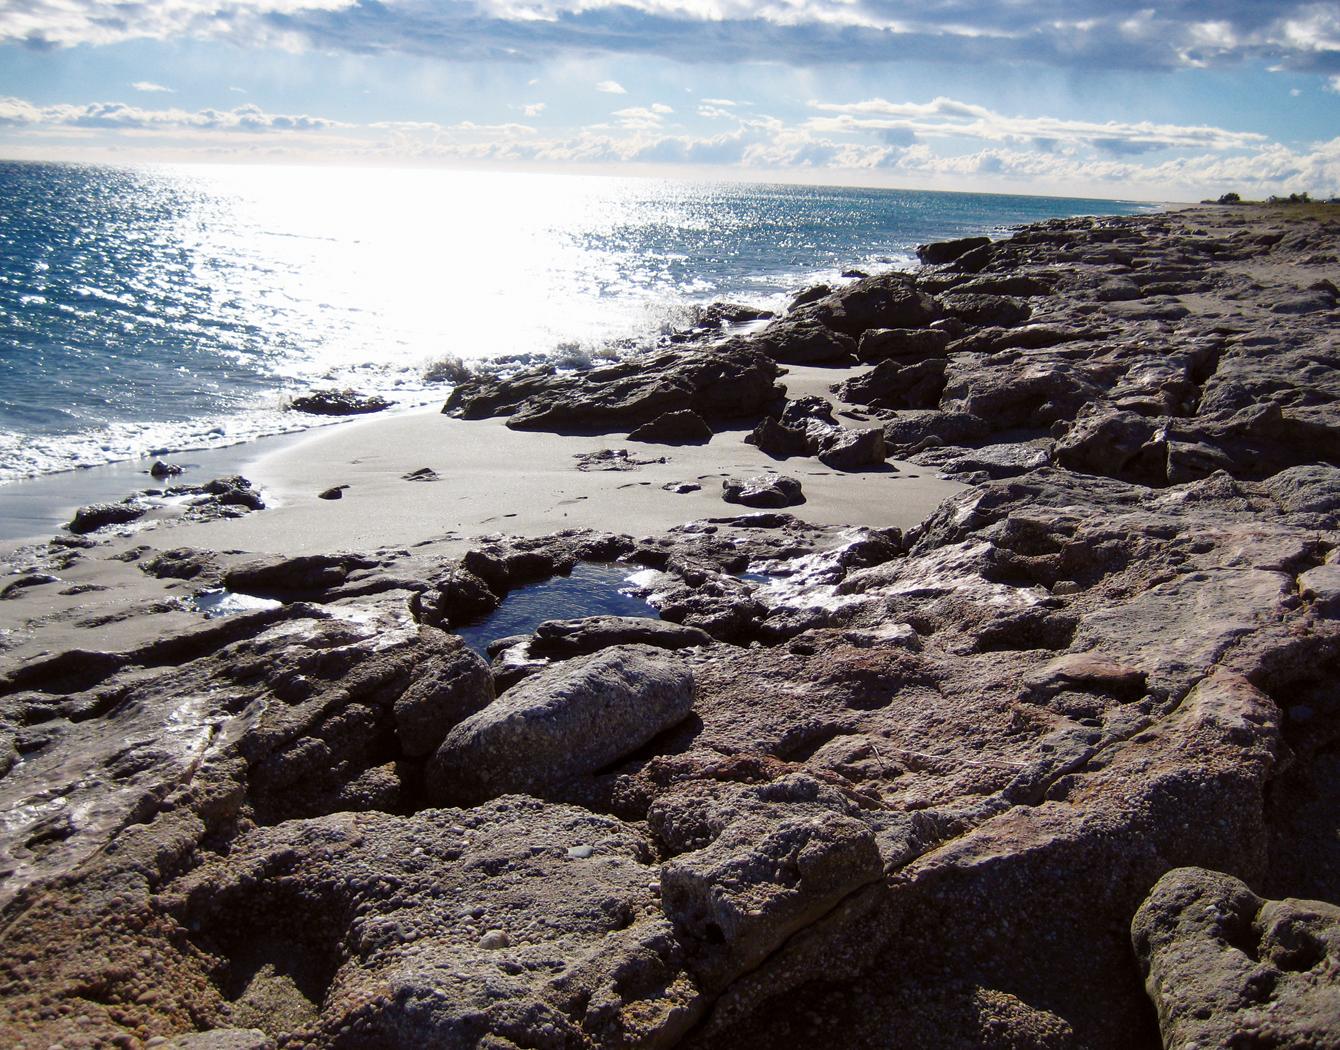 The-beach-in-Majorca-Spain